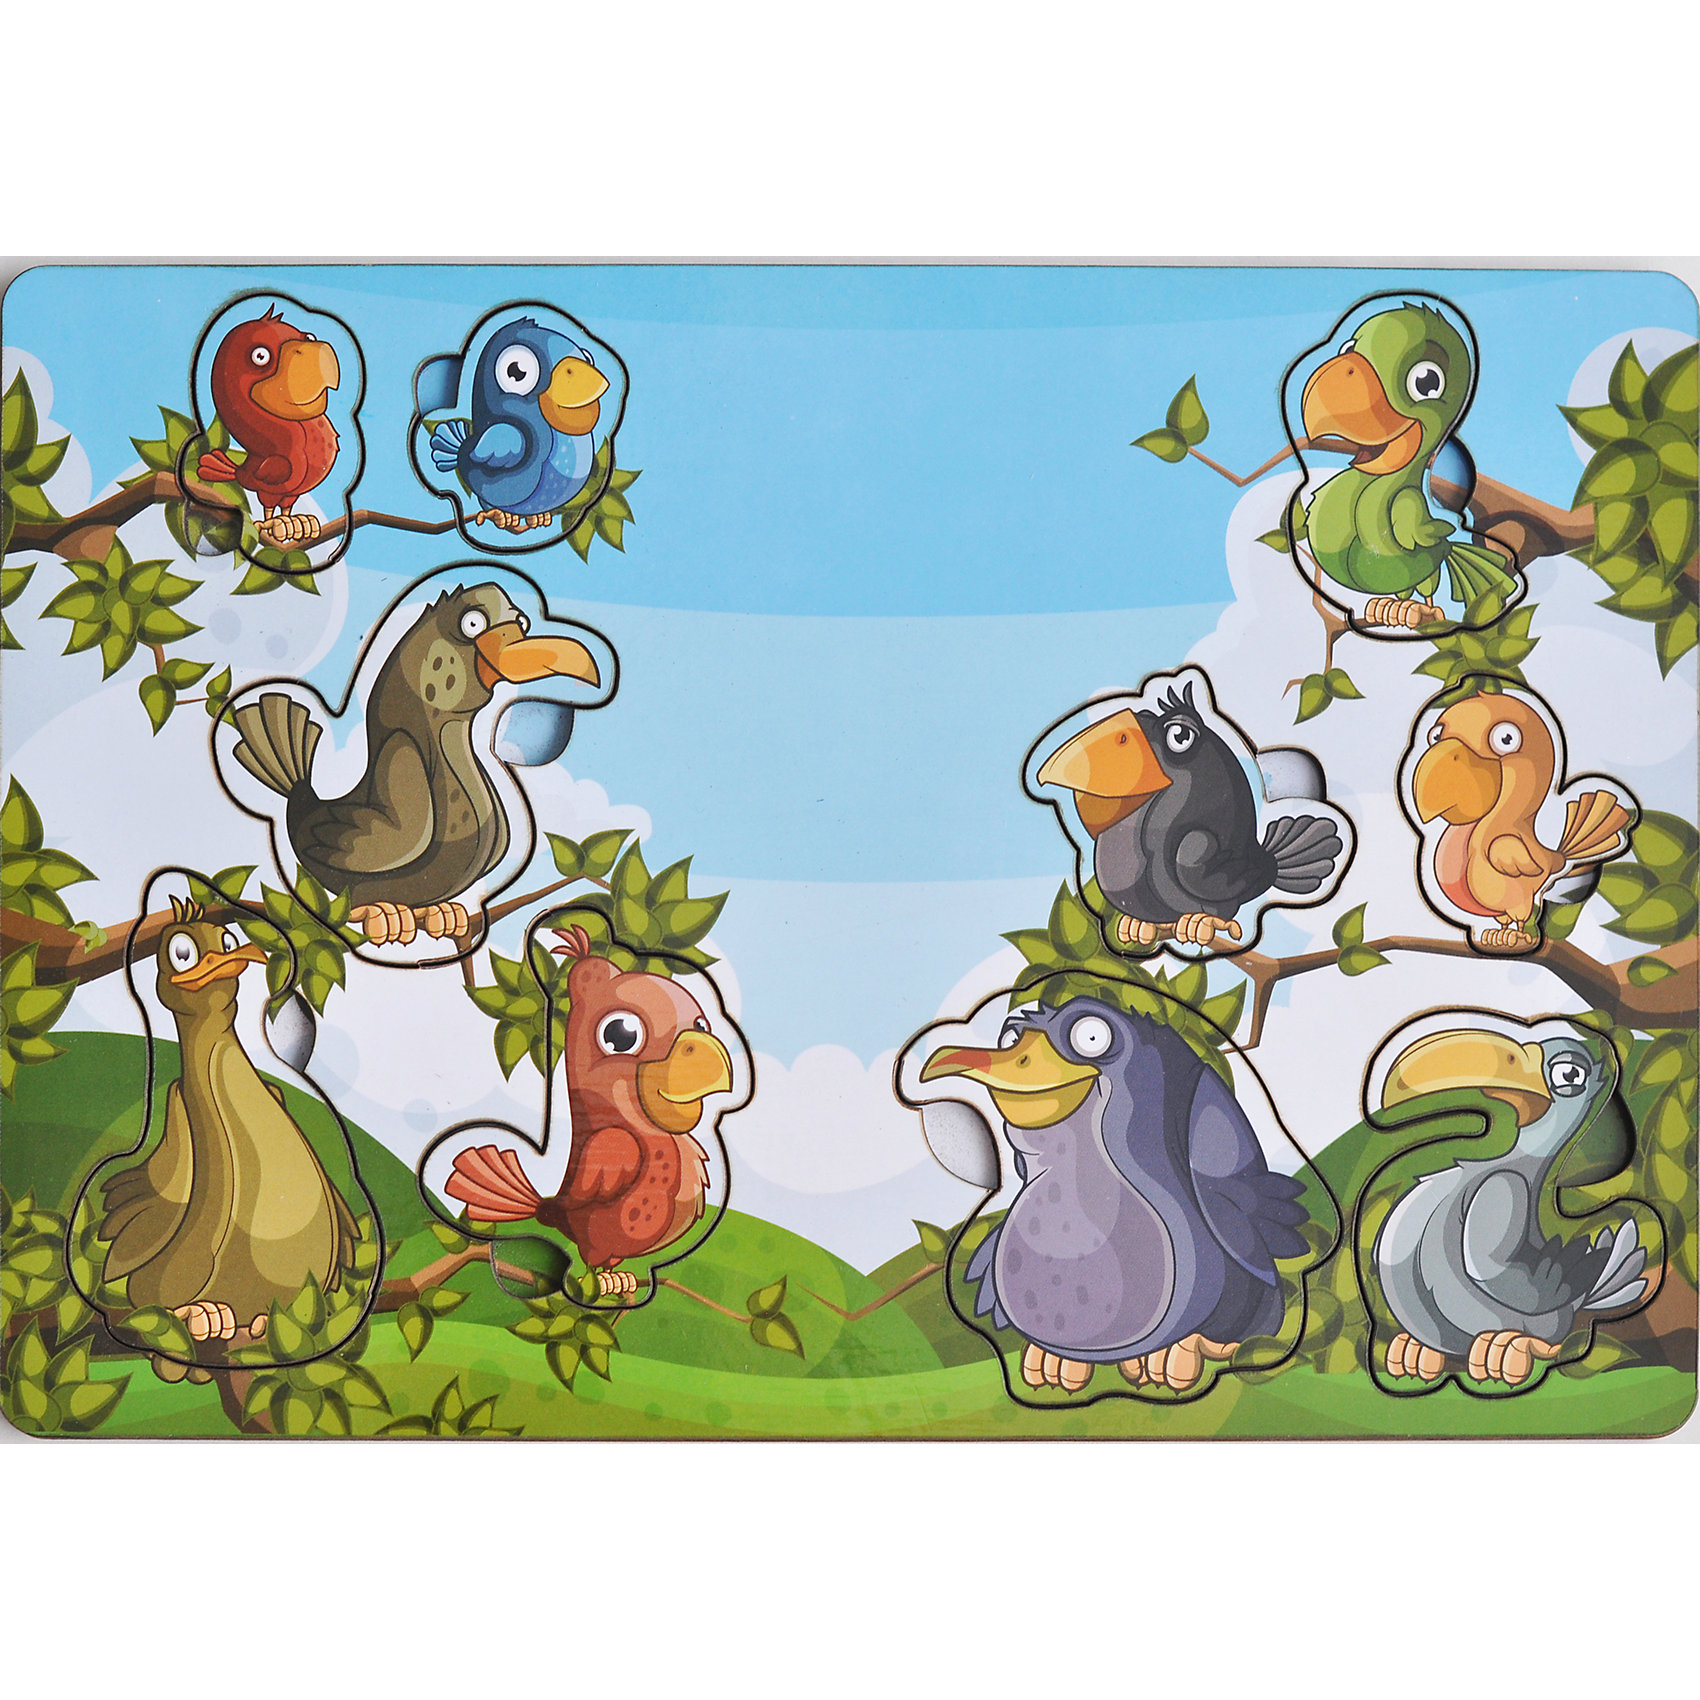 ФОТО - Развивающая рамка-вкладыш  «Веселые птахи», Мастер игрушек